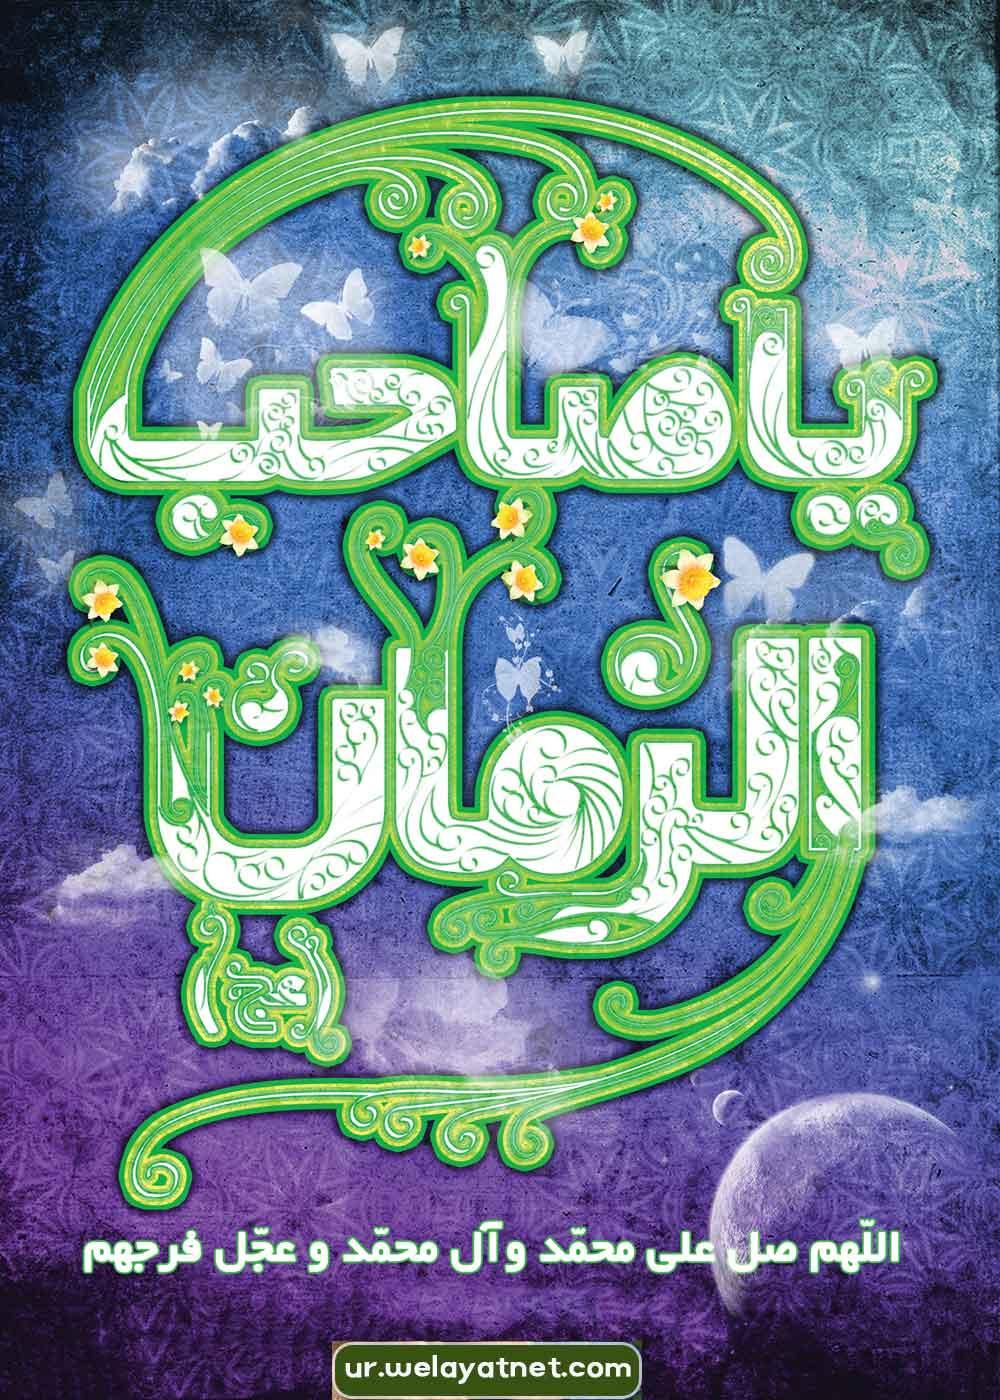 علم امام کی قسمیں